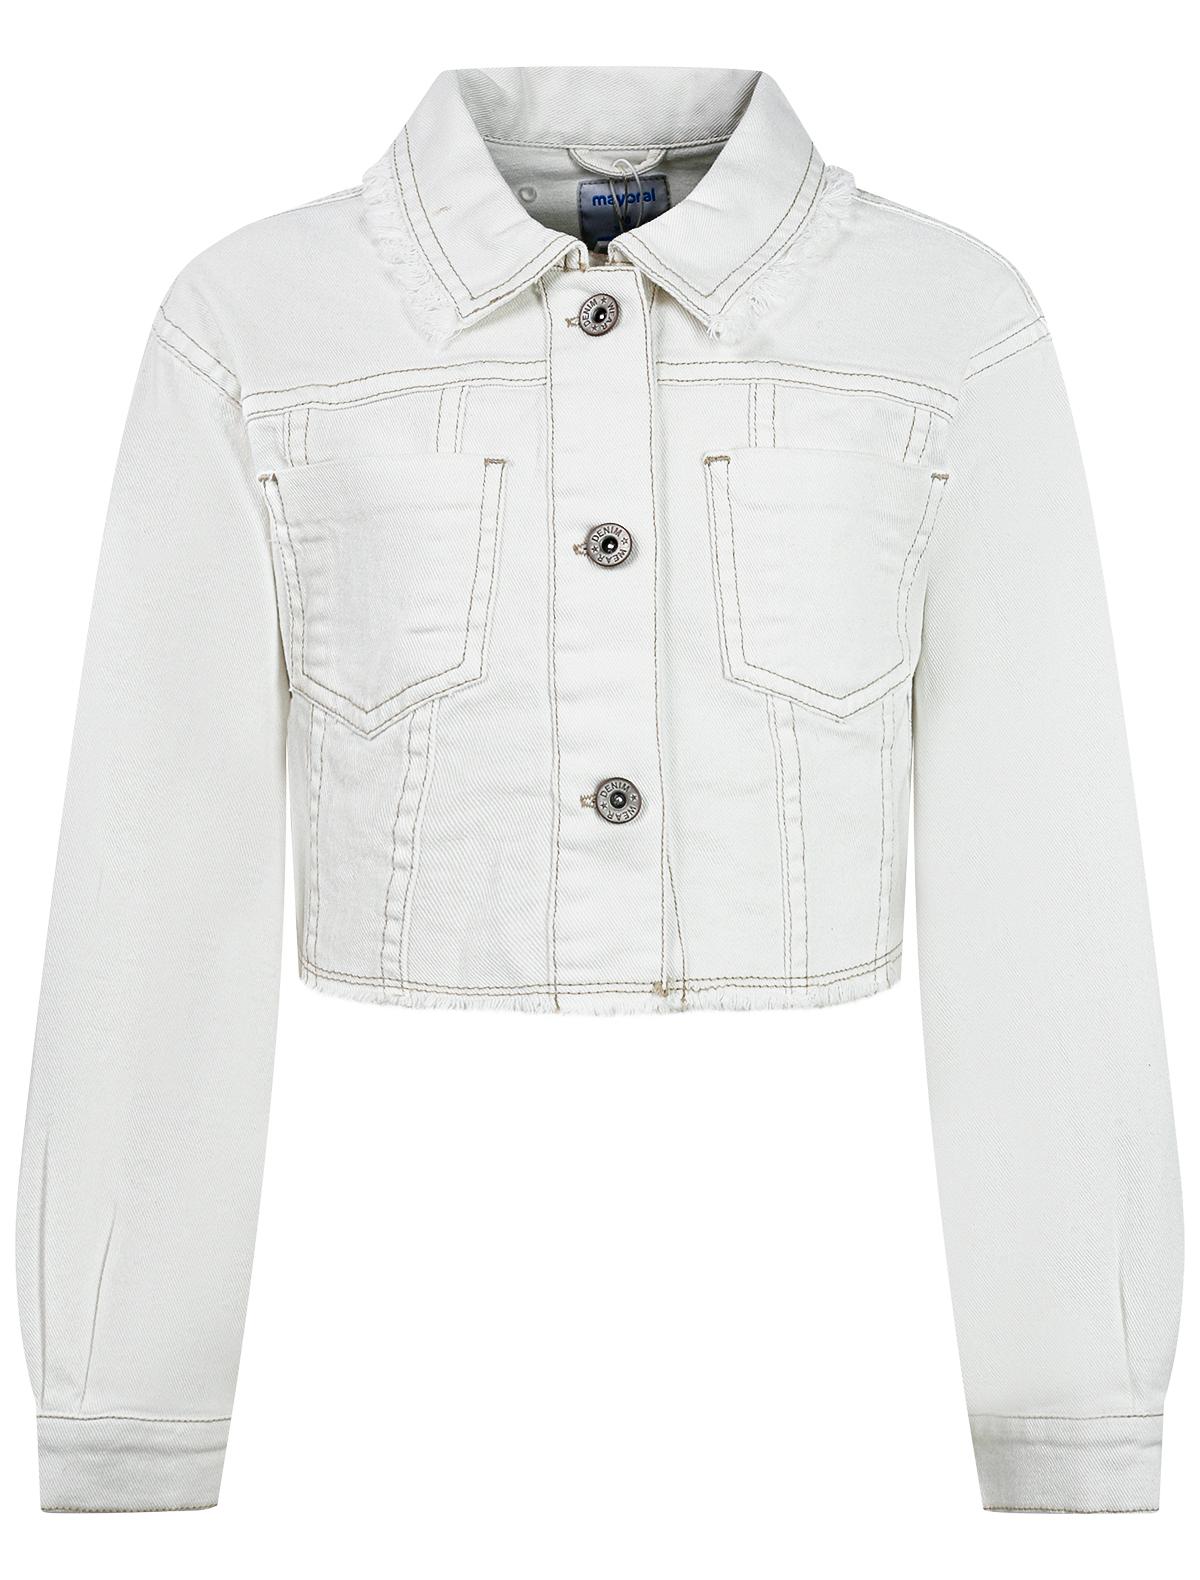 Купить 2299118, Куртка Mayoral, белый, Женский, 1074509172925